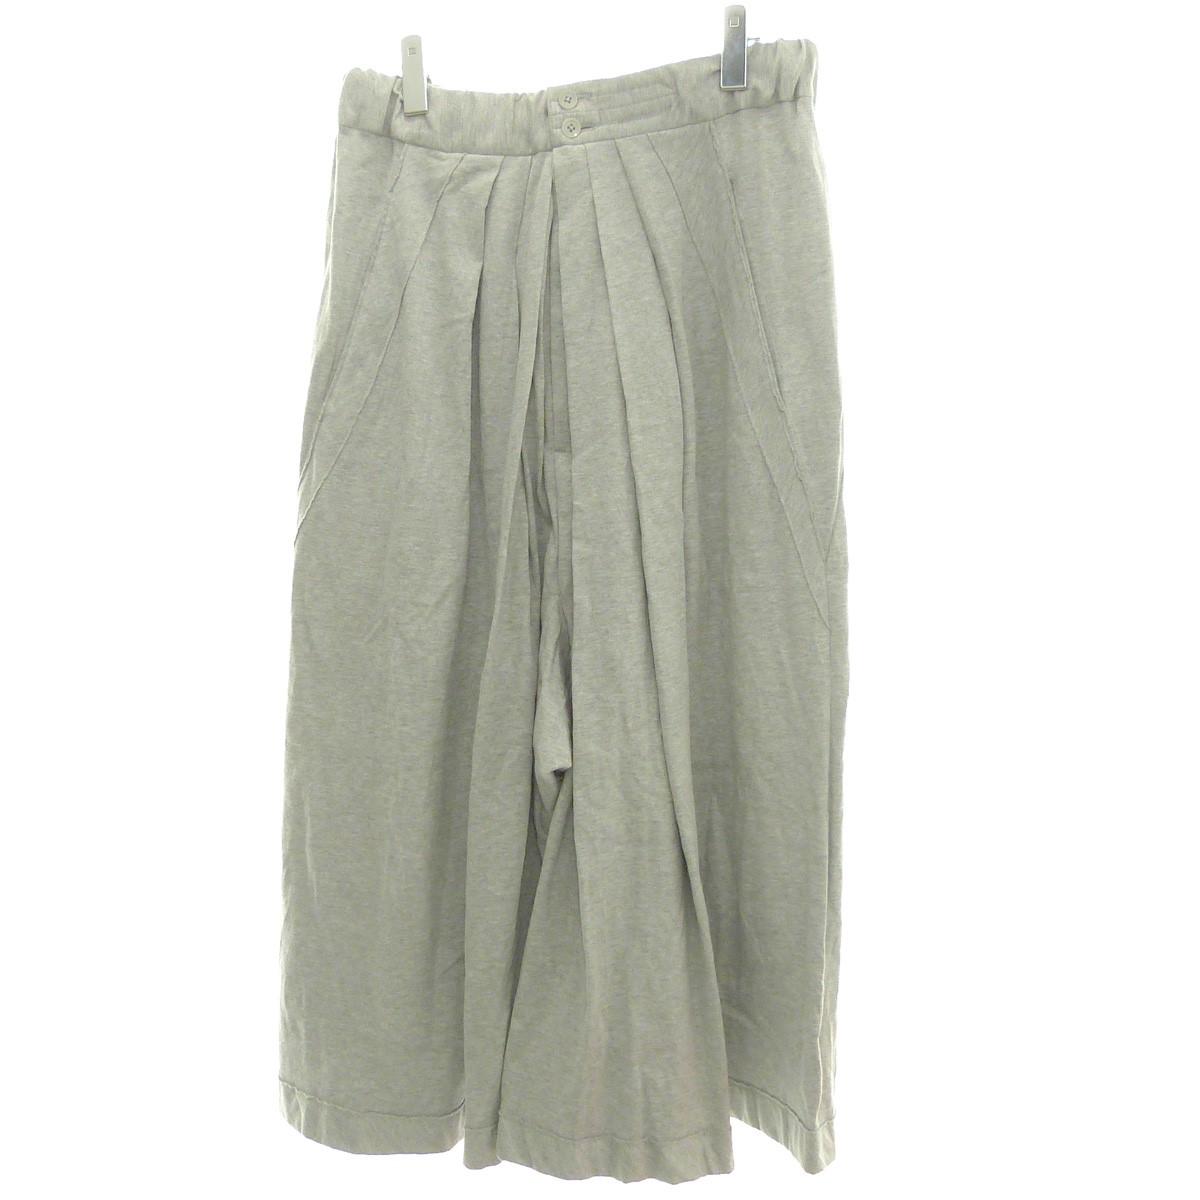 【中古】Ground Y18AW「GY Hakama Type 1 40/C Combed Jersey」袴パンツ グレー サイズ:3 【6月4日見直し】